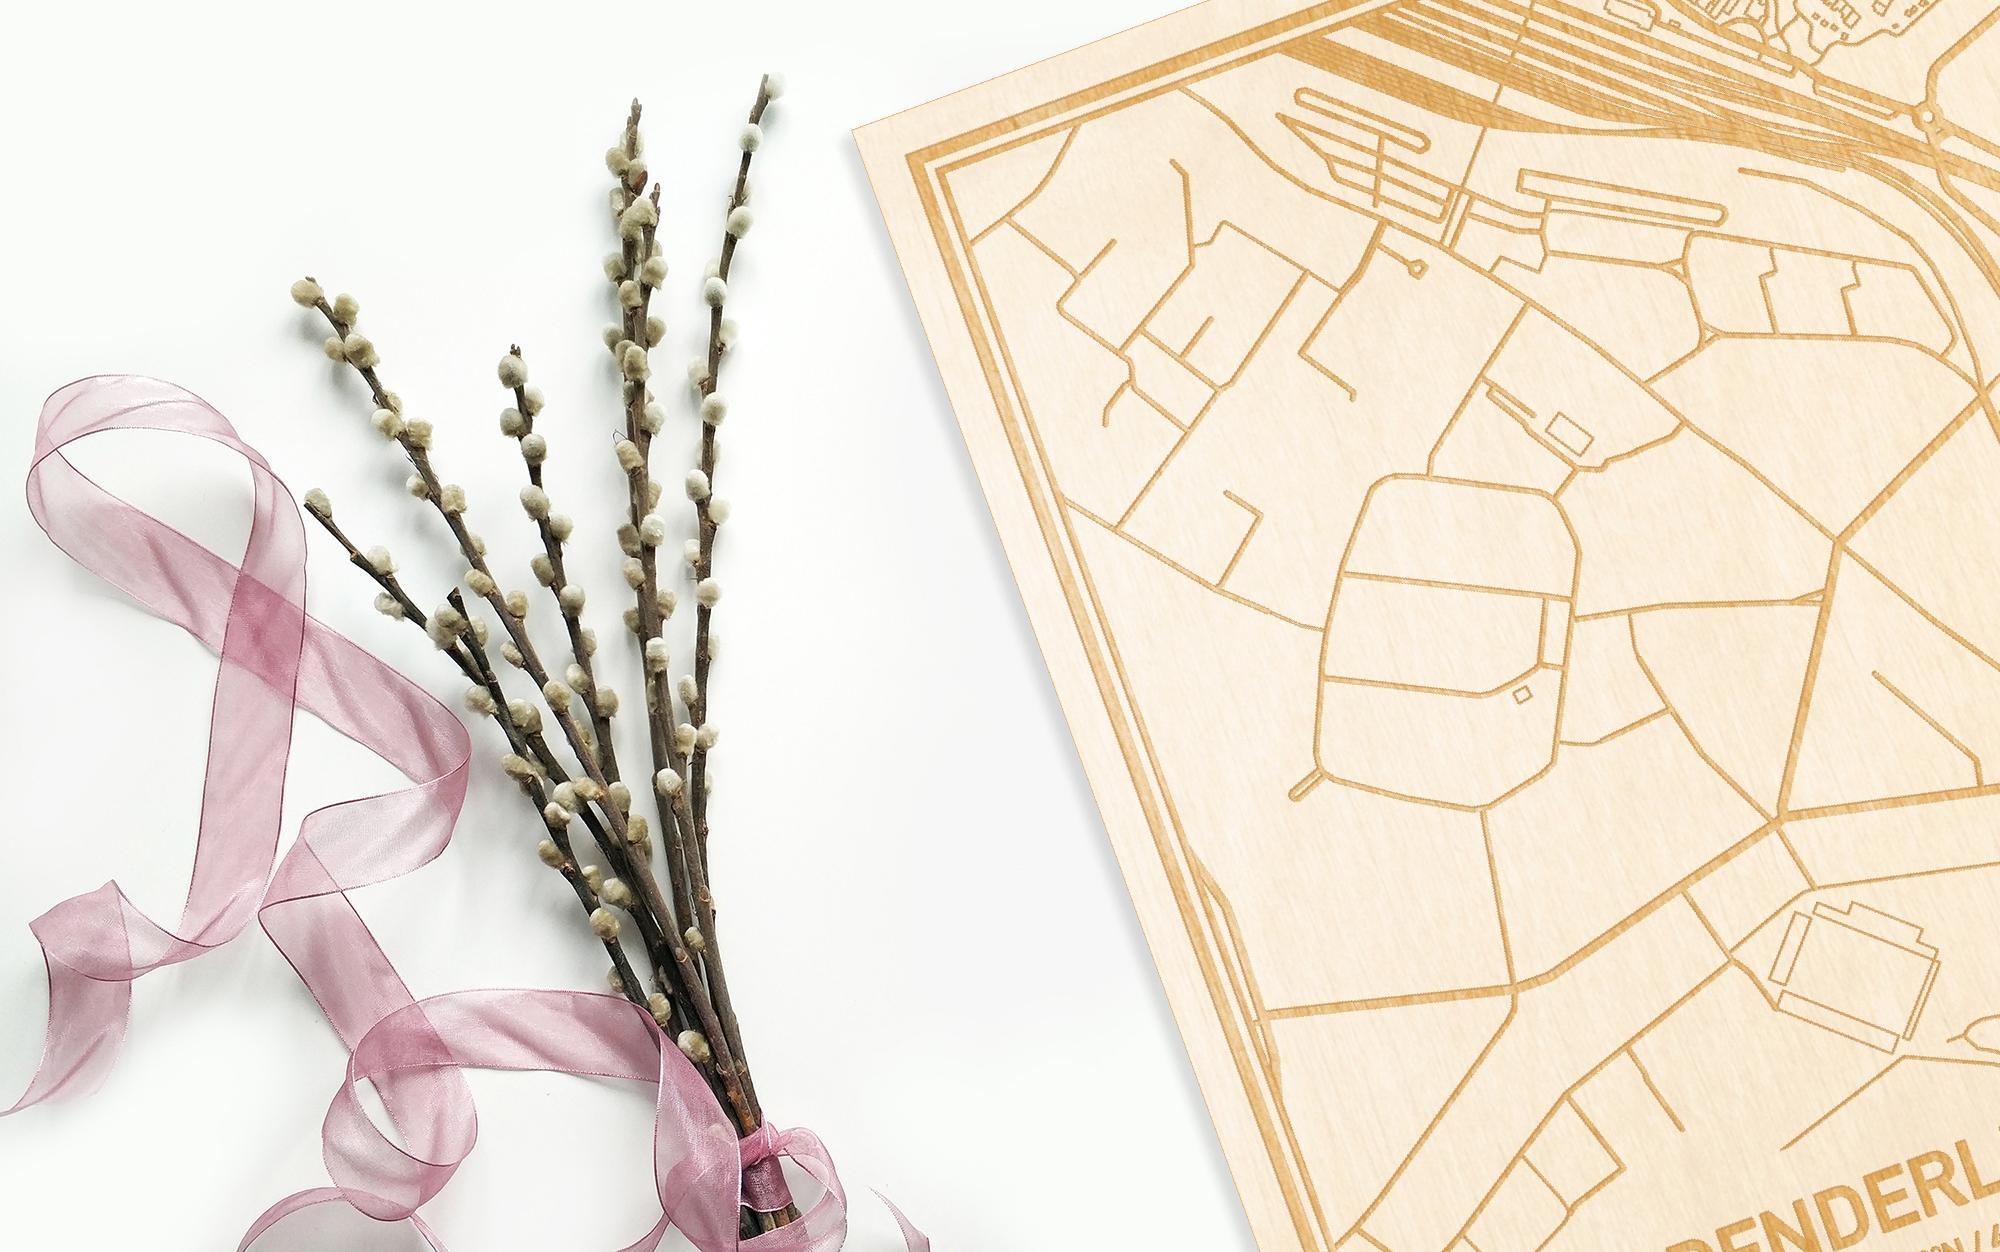 Hier ligt de houten plattegrond Denderleeuw naast een bloemetje als gepersonaliseerd cadeau voor haar.